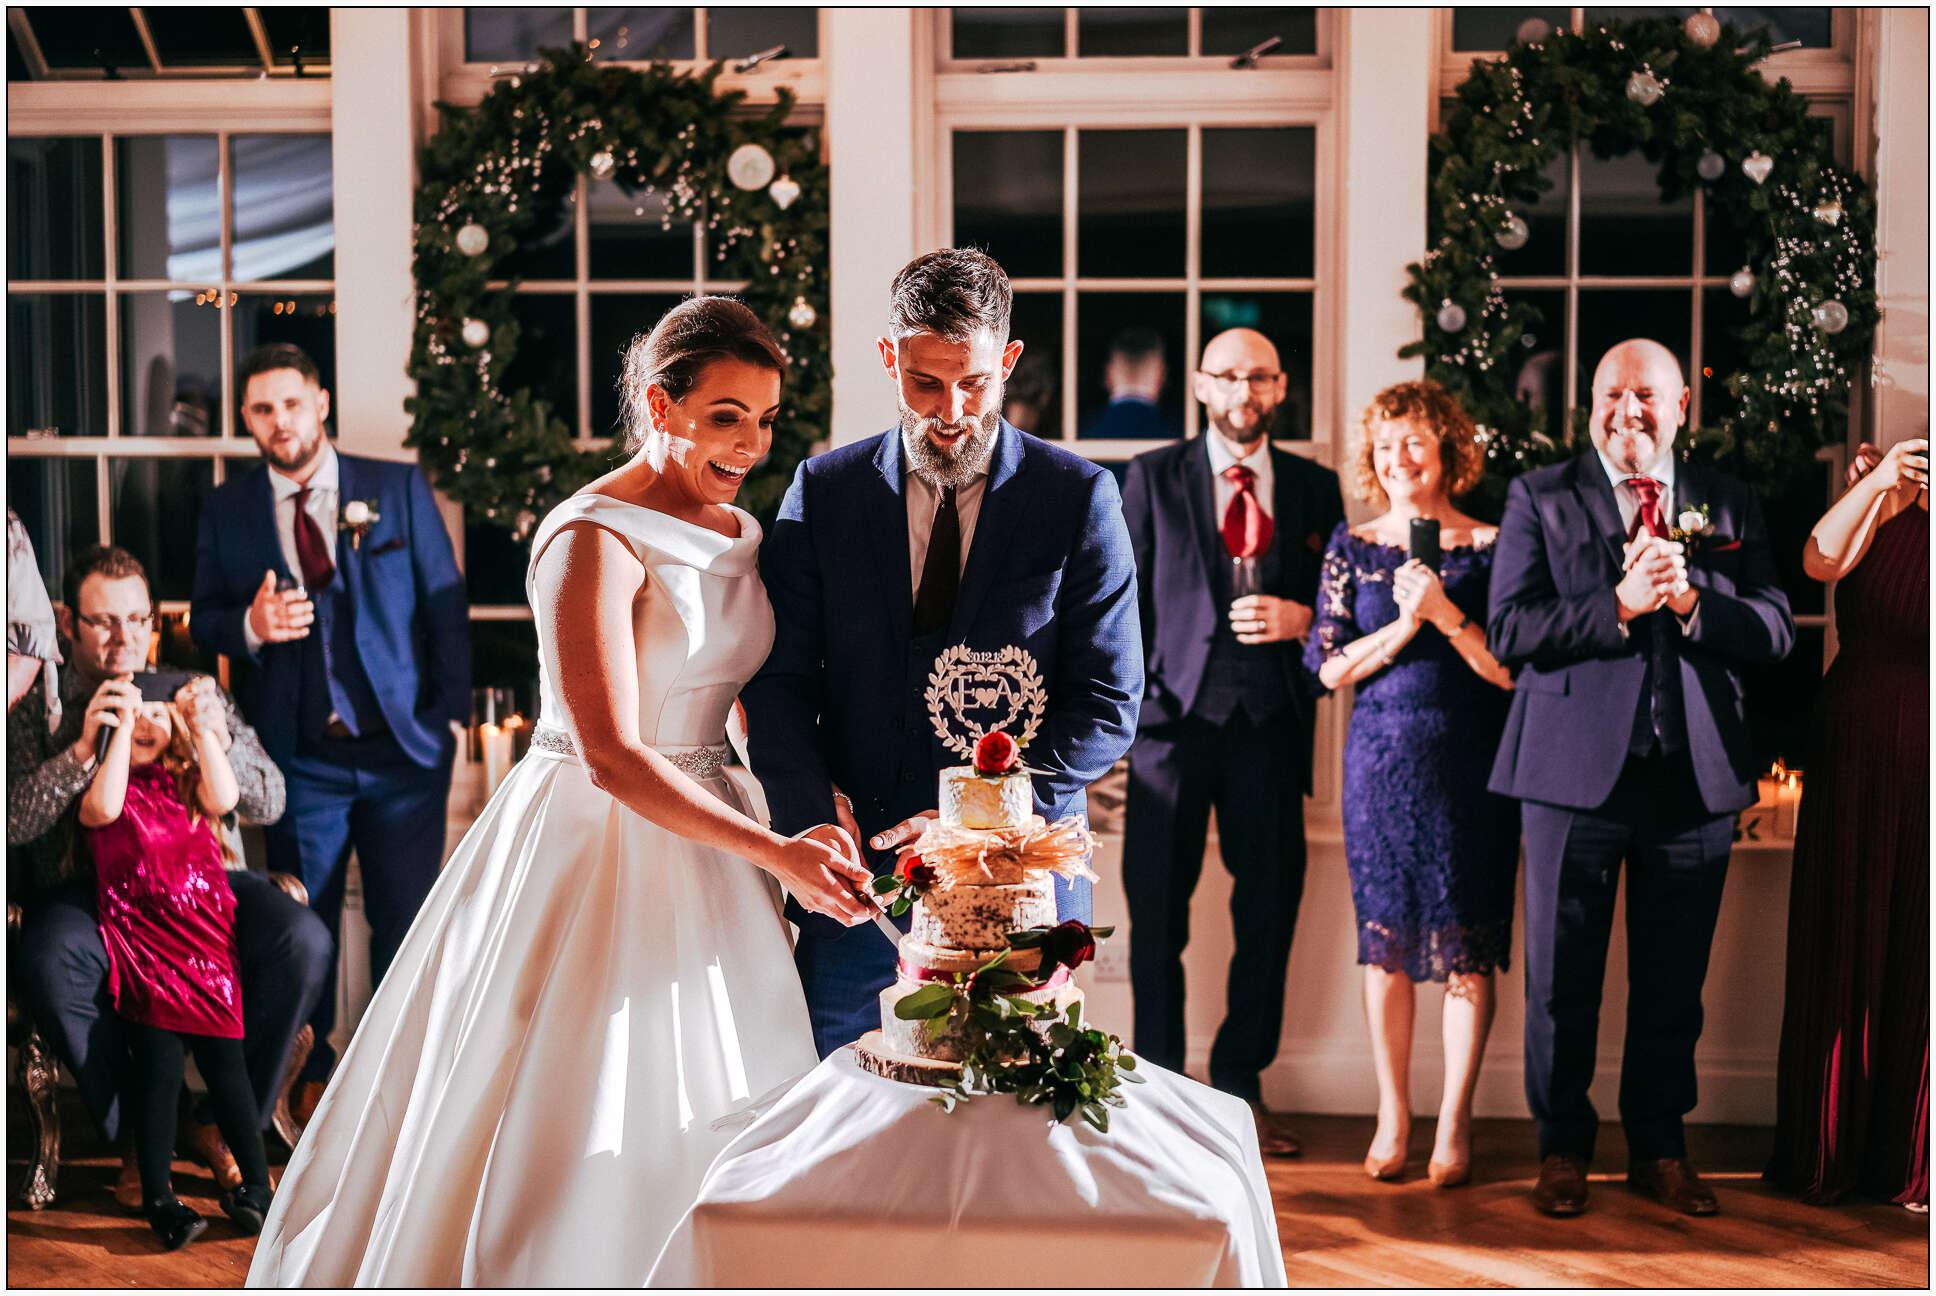 Mitton_Hall_Christmas_Wedding-69.jpg